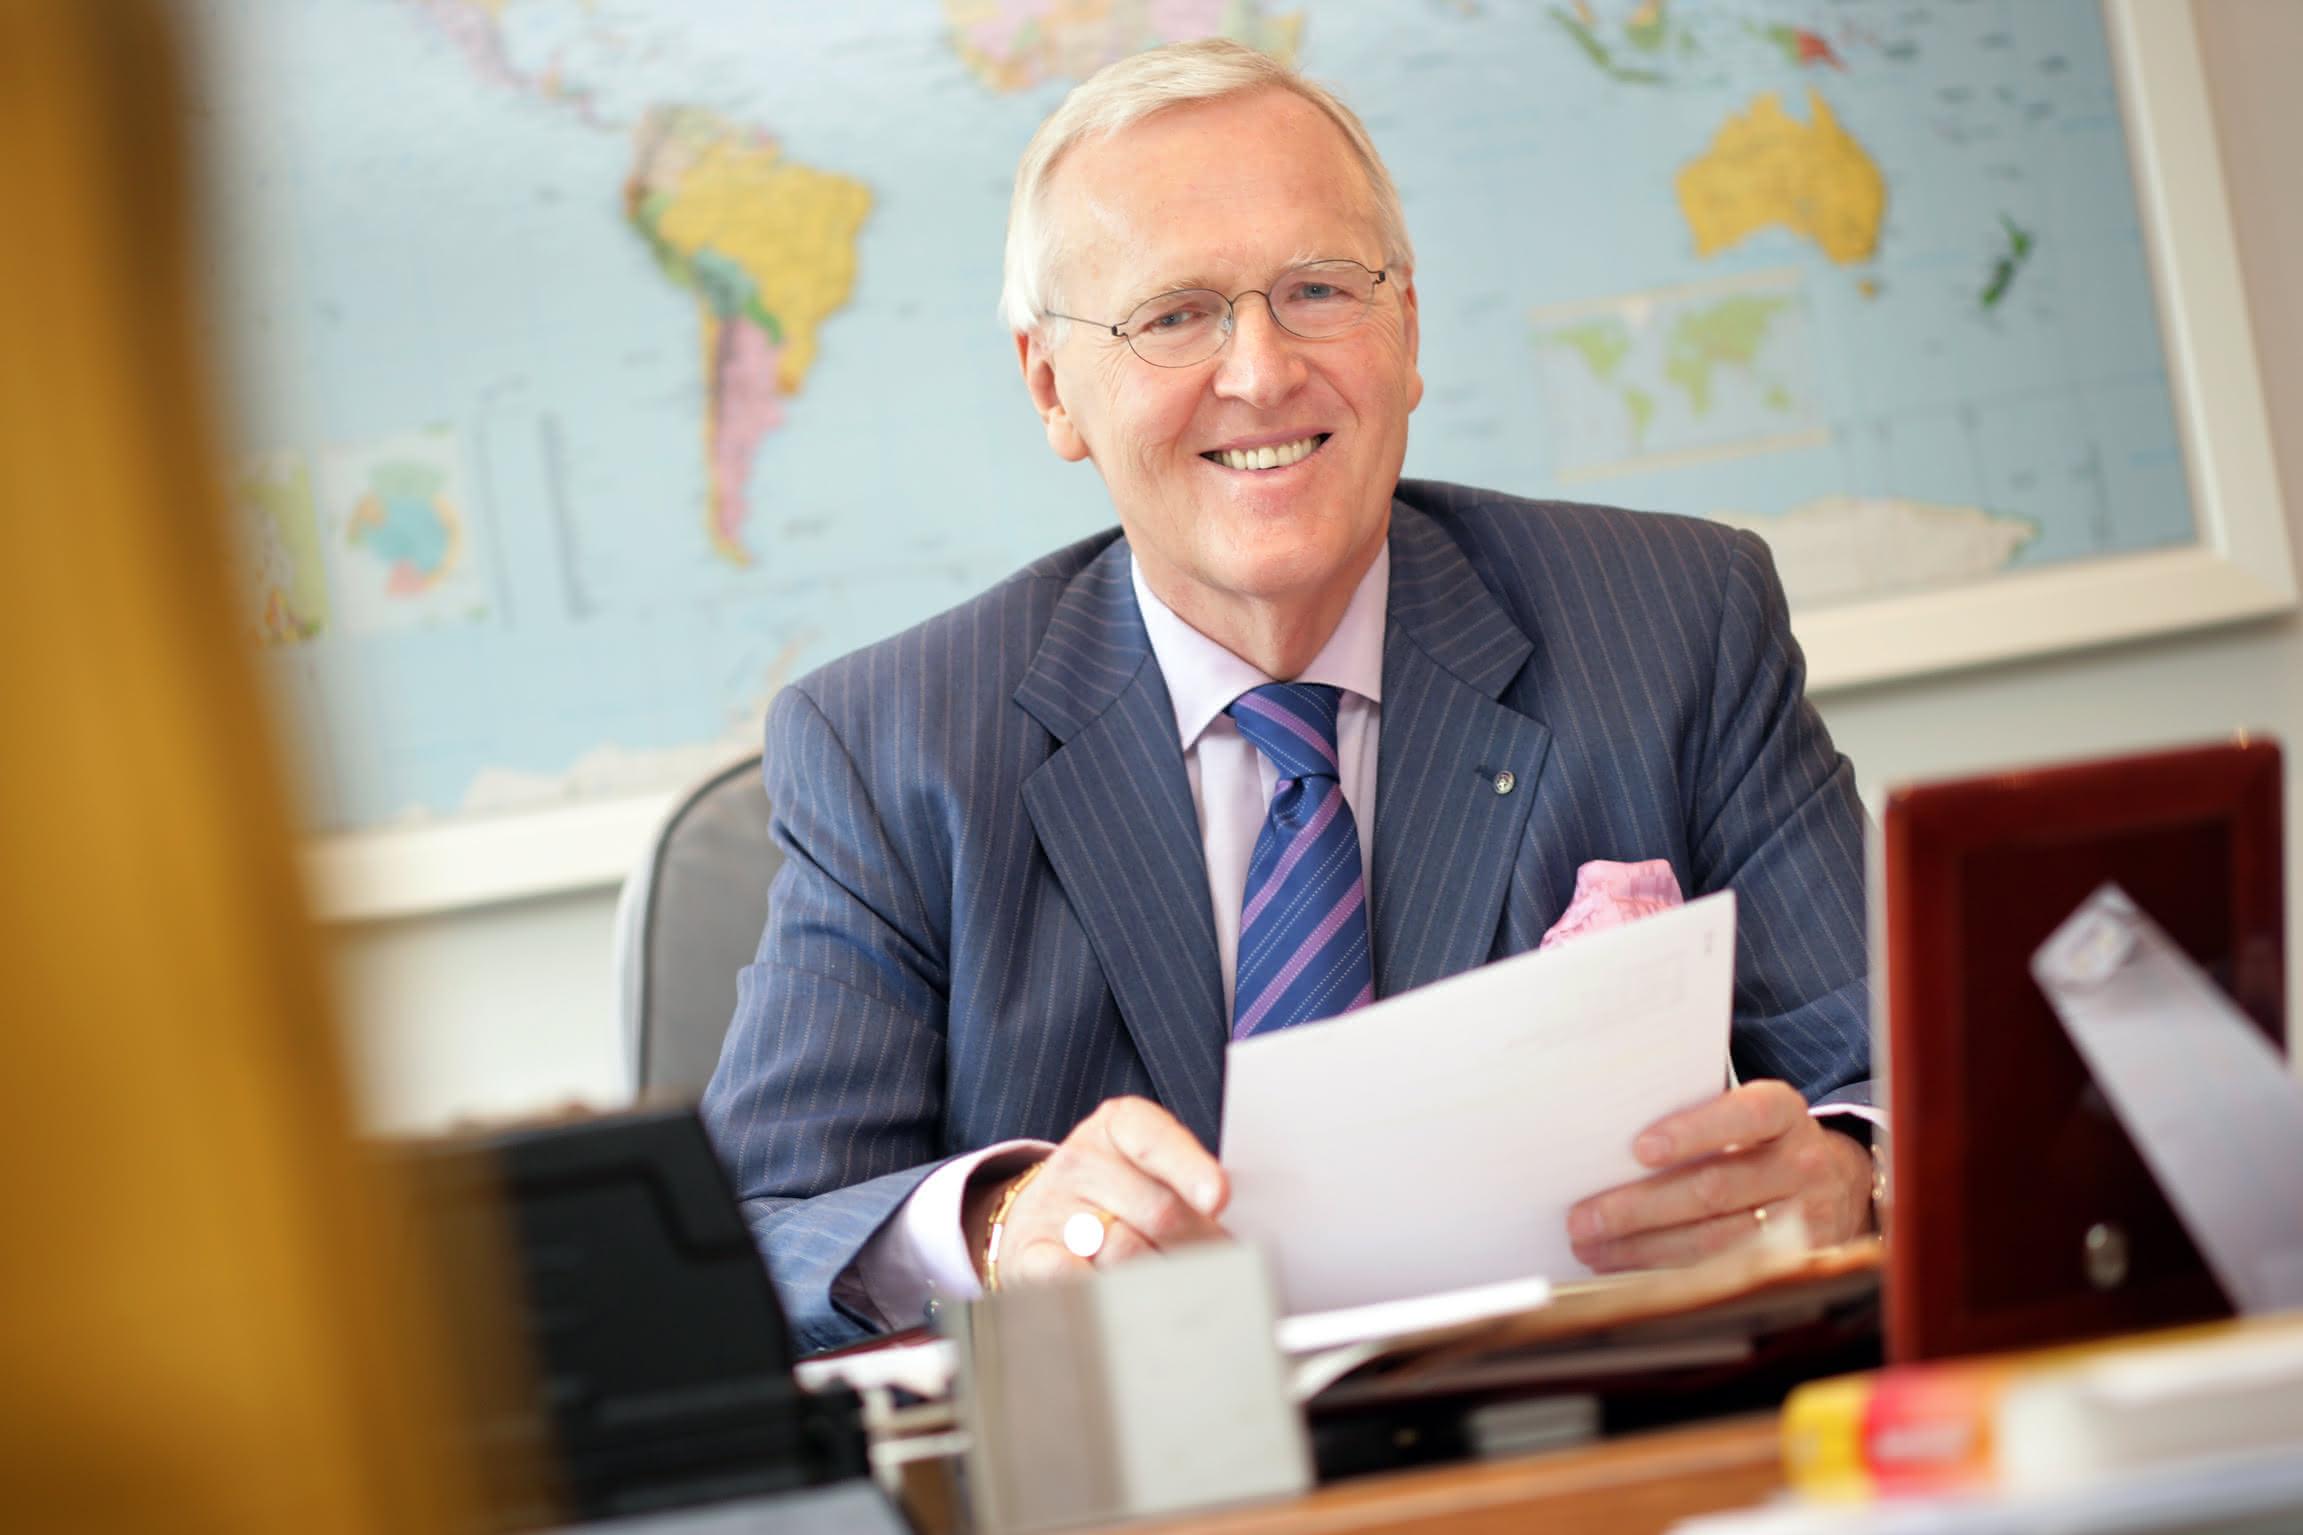 Dietmar Harting feierte den 75ten: Unabhängig und trotzdem global